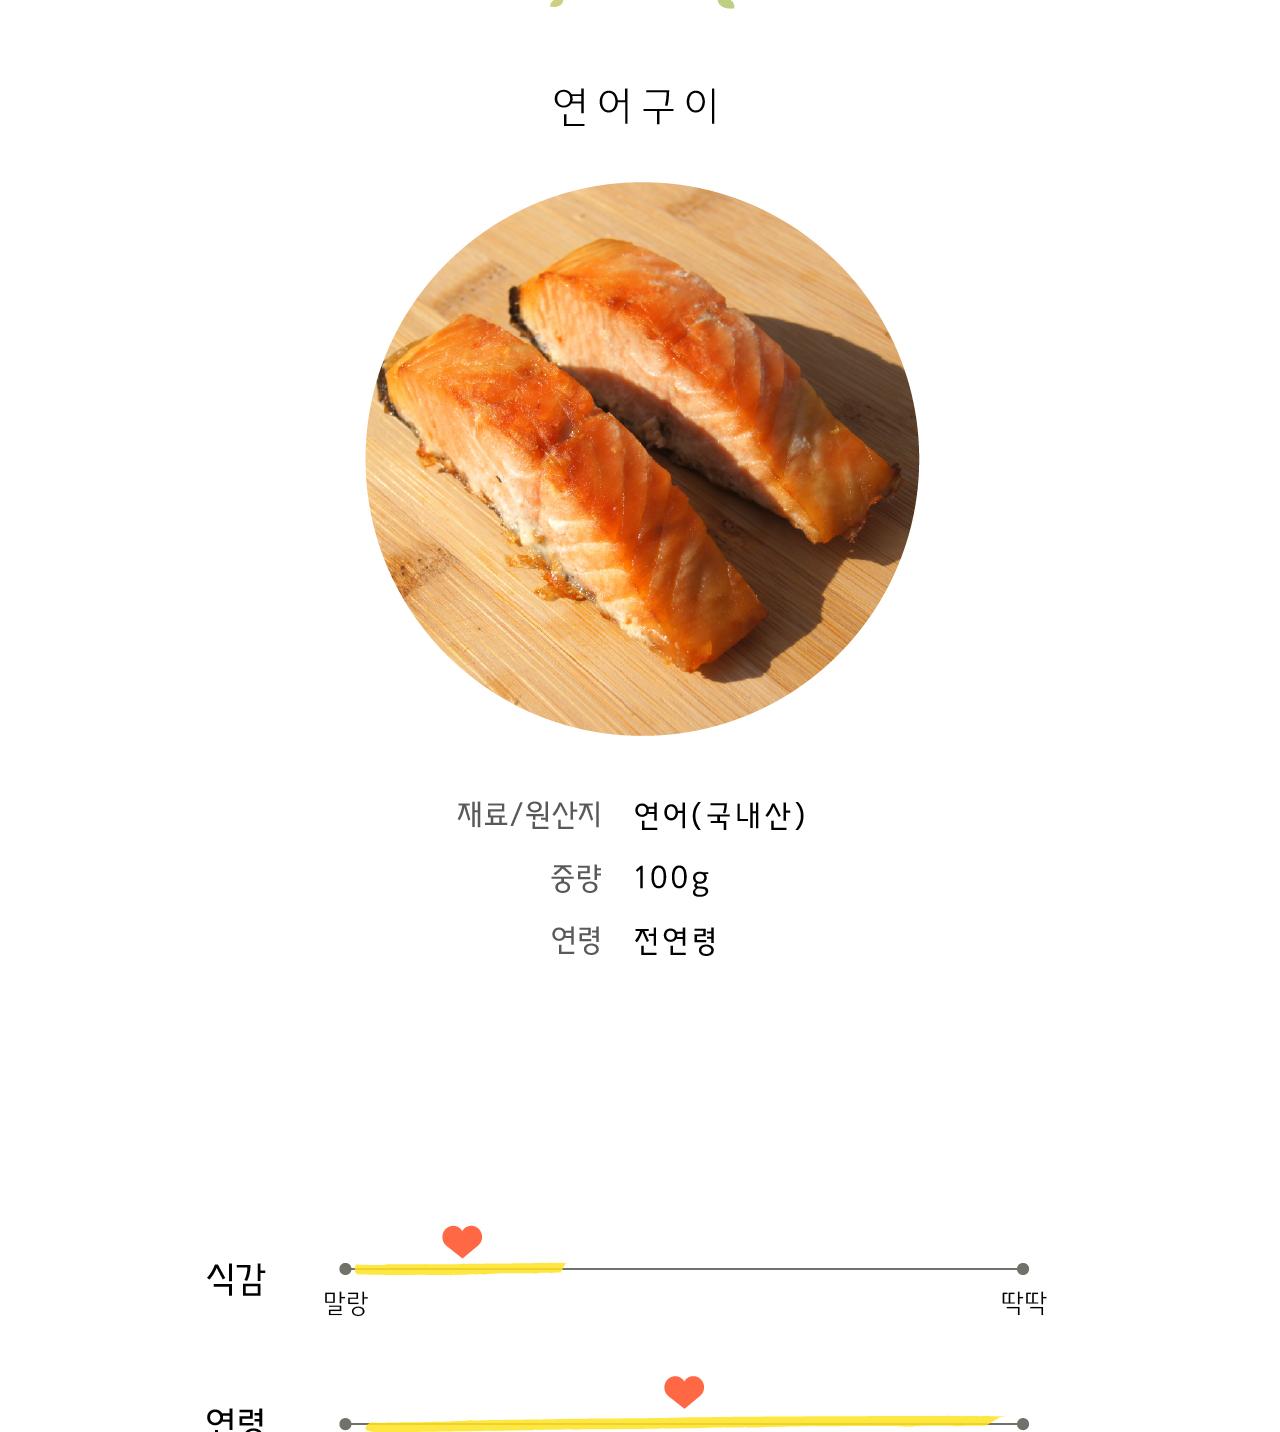 수제간식 연어구이 - 행복한 광이네, 6,500원, 간식/영양제, 수제간식